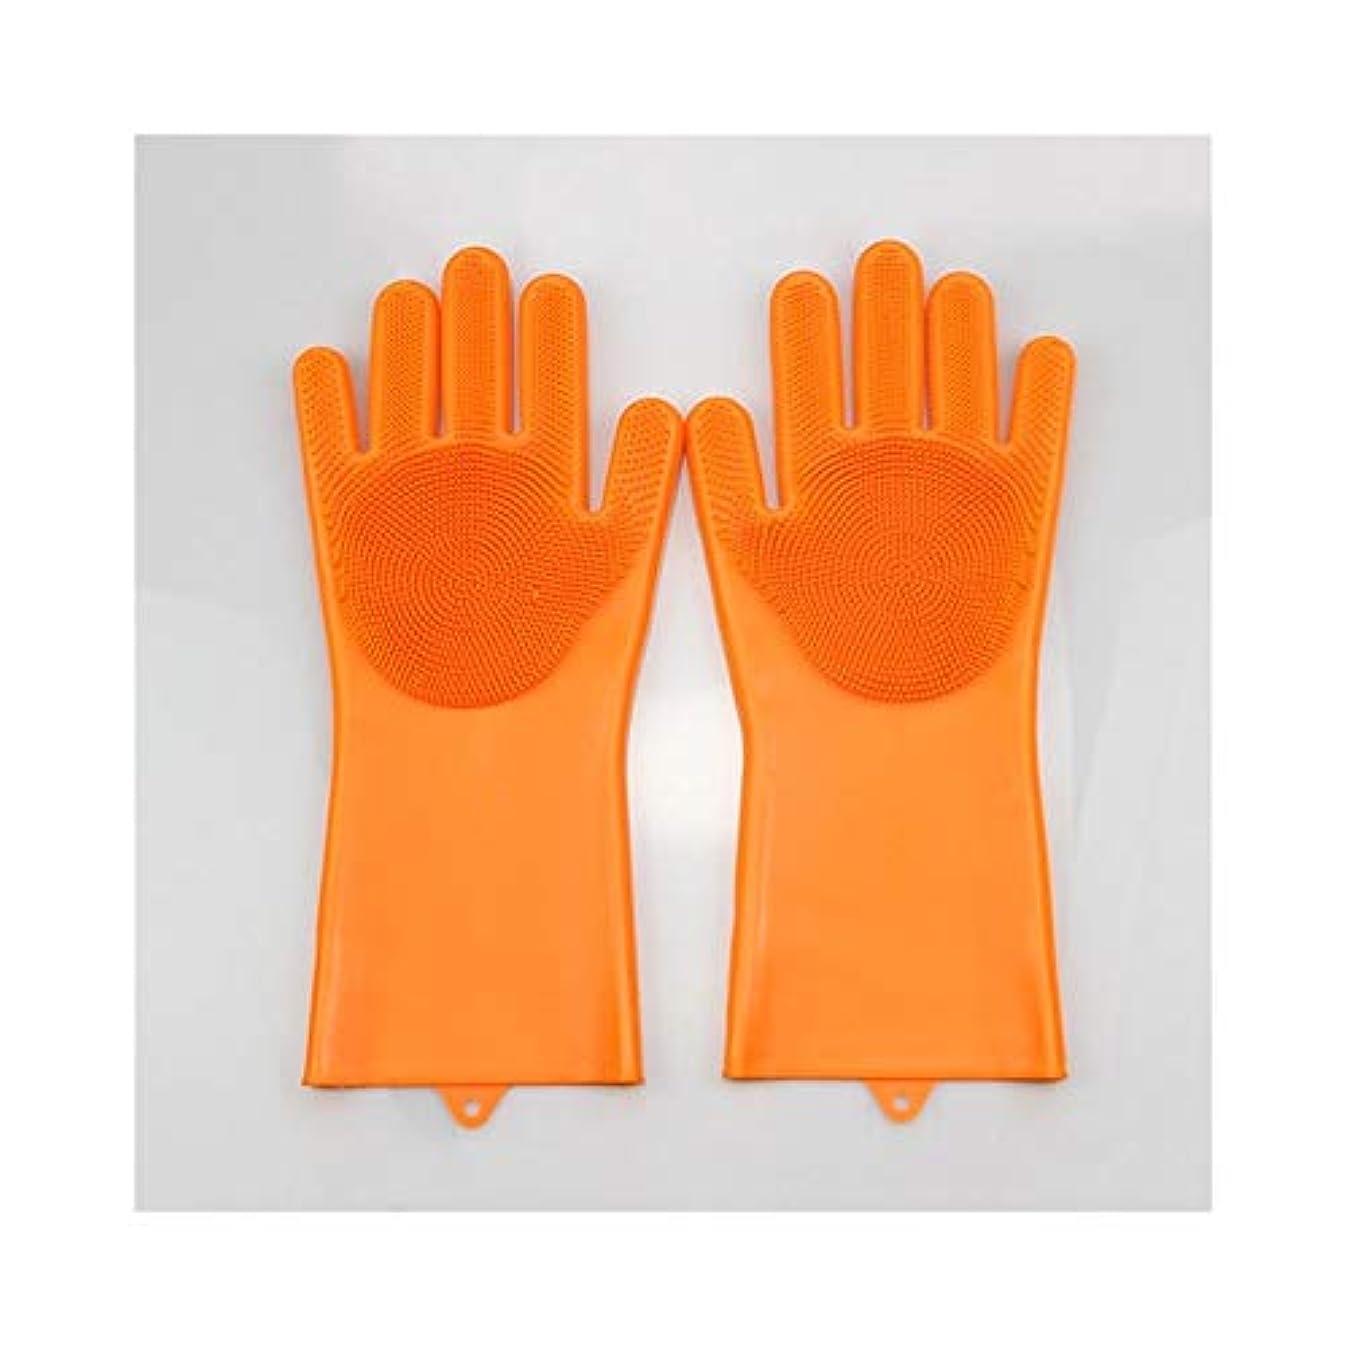 征服者交流する仮説BTXXYJP キッチン用手袋 手袋 掃除用 ロング 耐摩耗 食器洗い 作業 掃除 炊事 食器洗い 園芸 洗車 防水 手袋 (Color : Orange, Size : L)